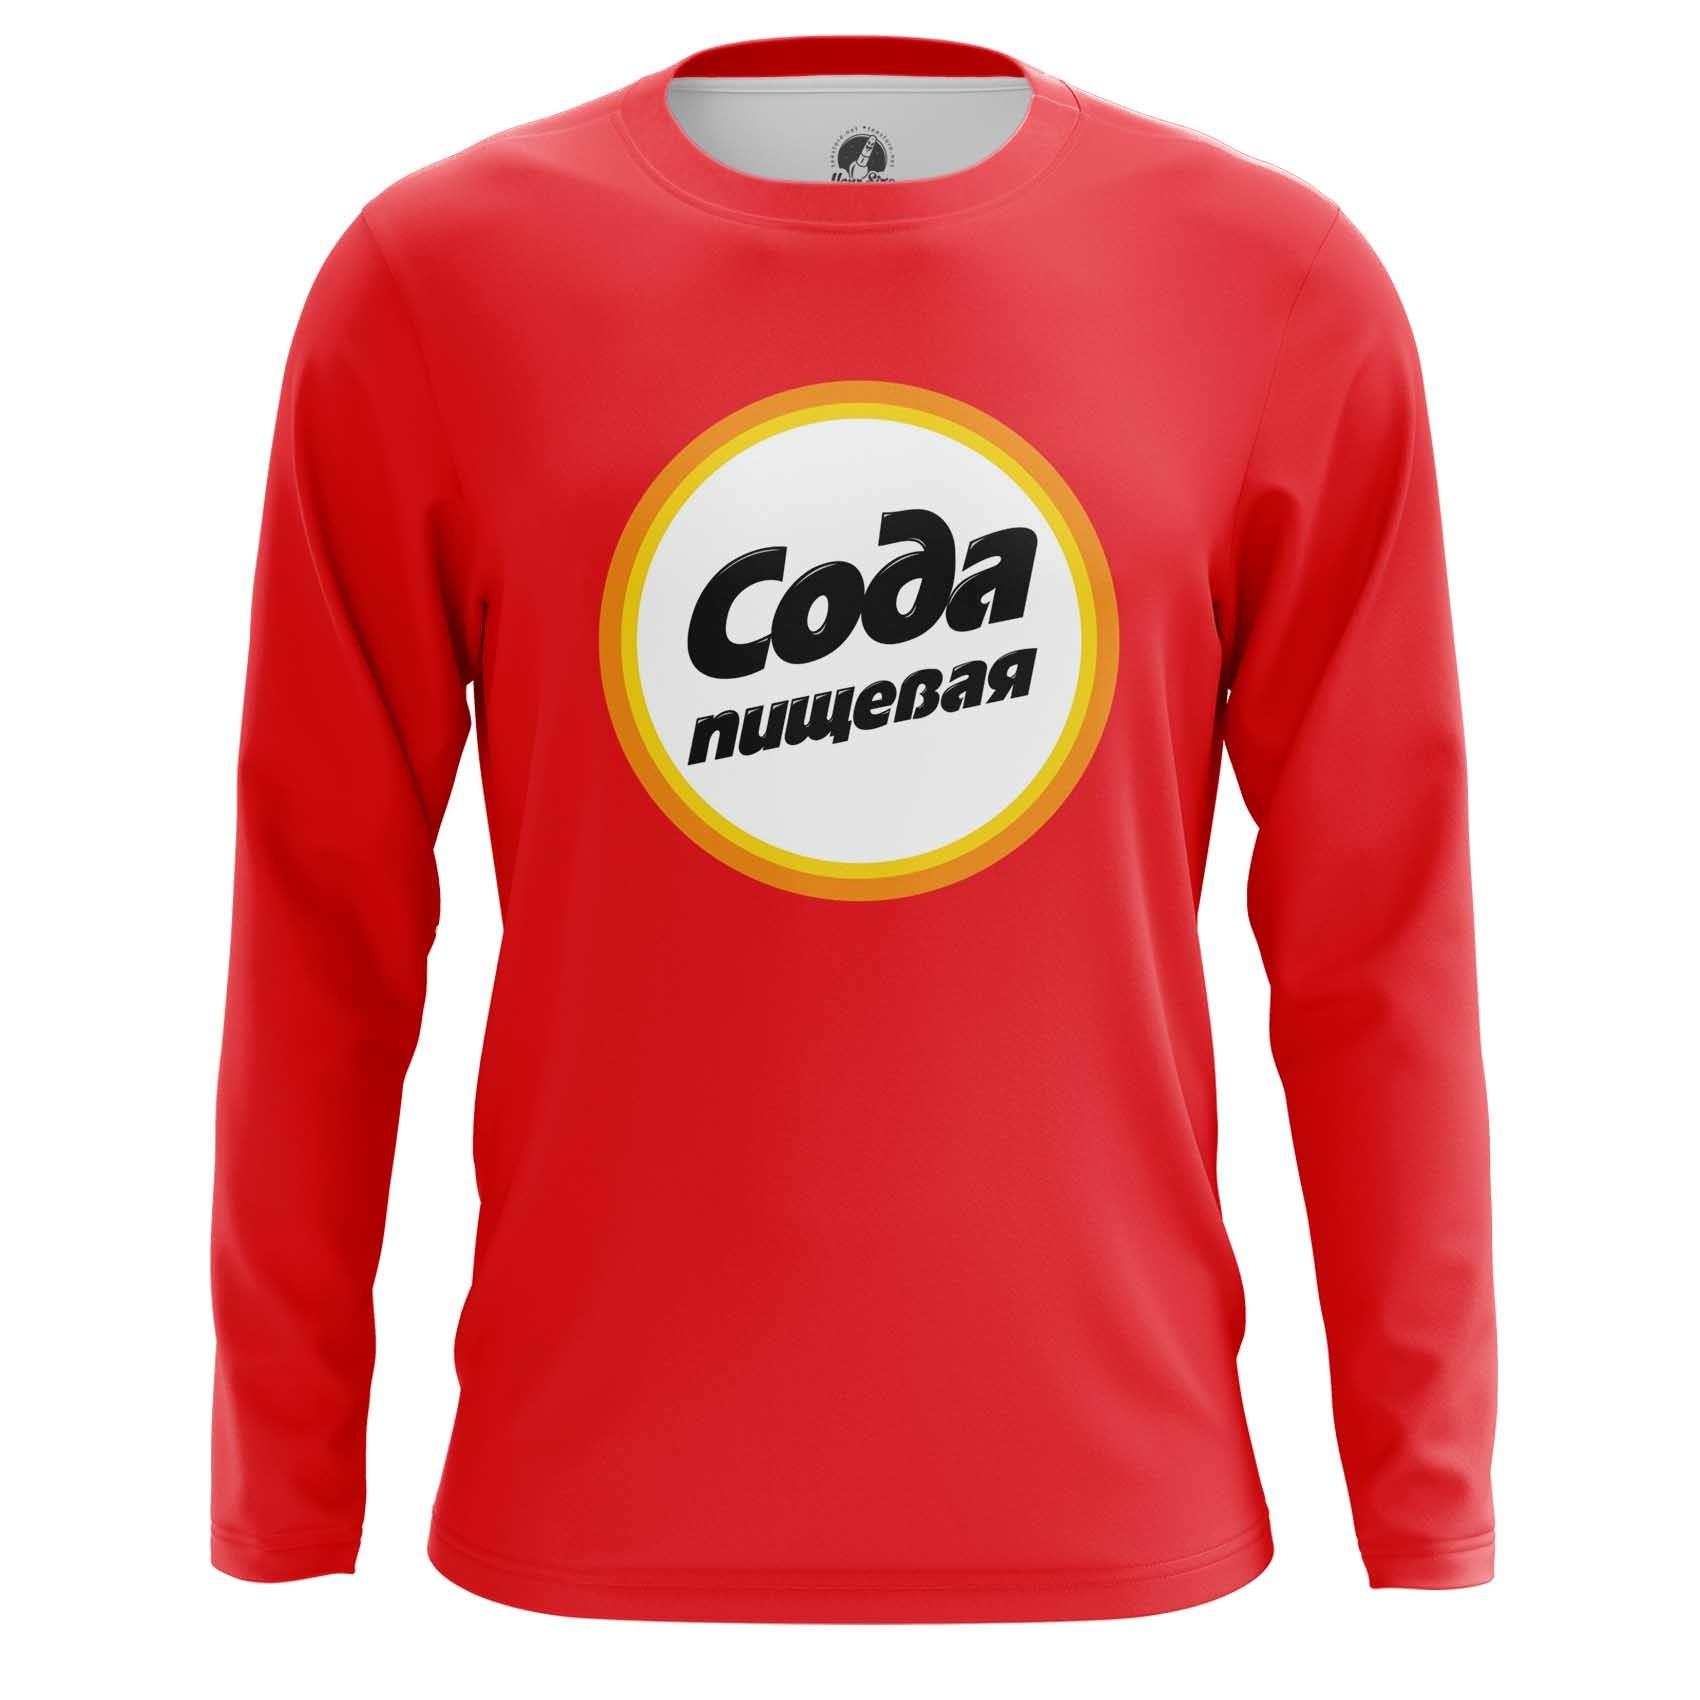 Merchandise Men'S Long Sleeve Soda Russian Food